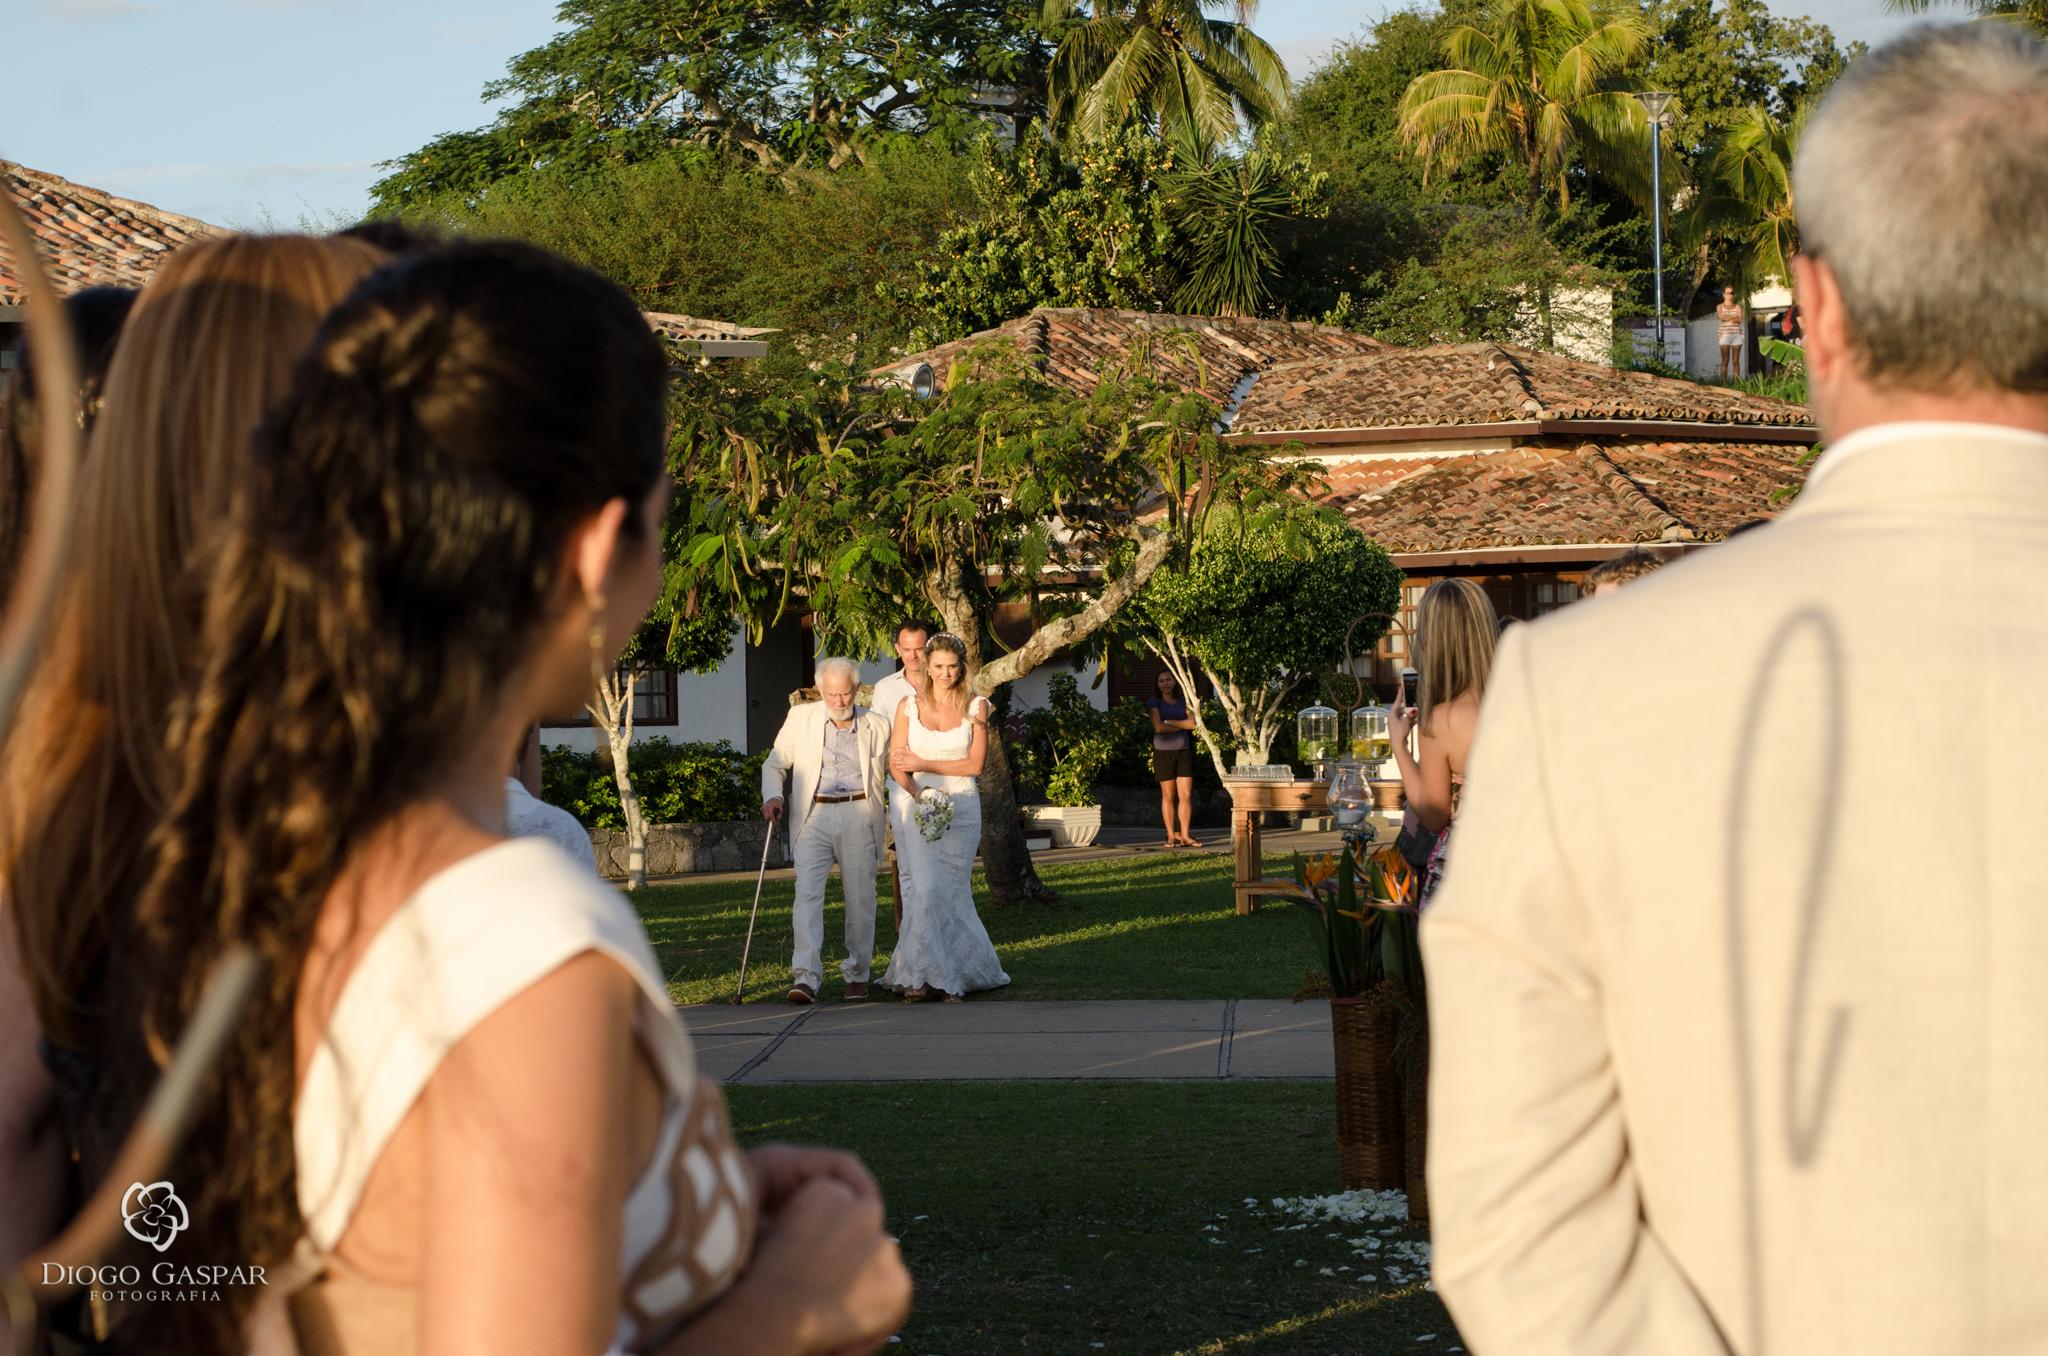 31052014_DGF_Casamento_Marcia_Lucas_331.jpg